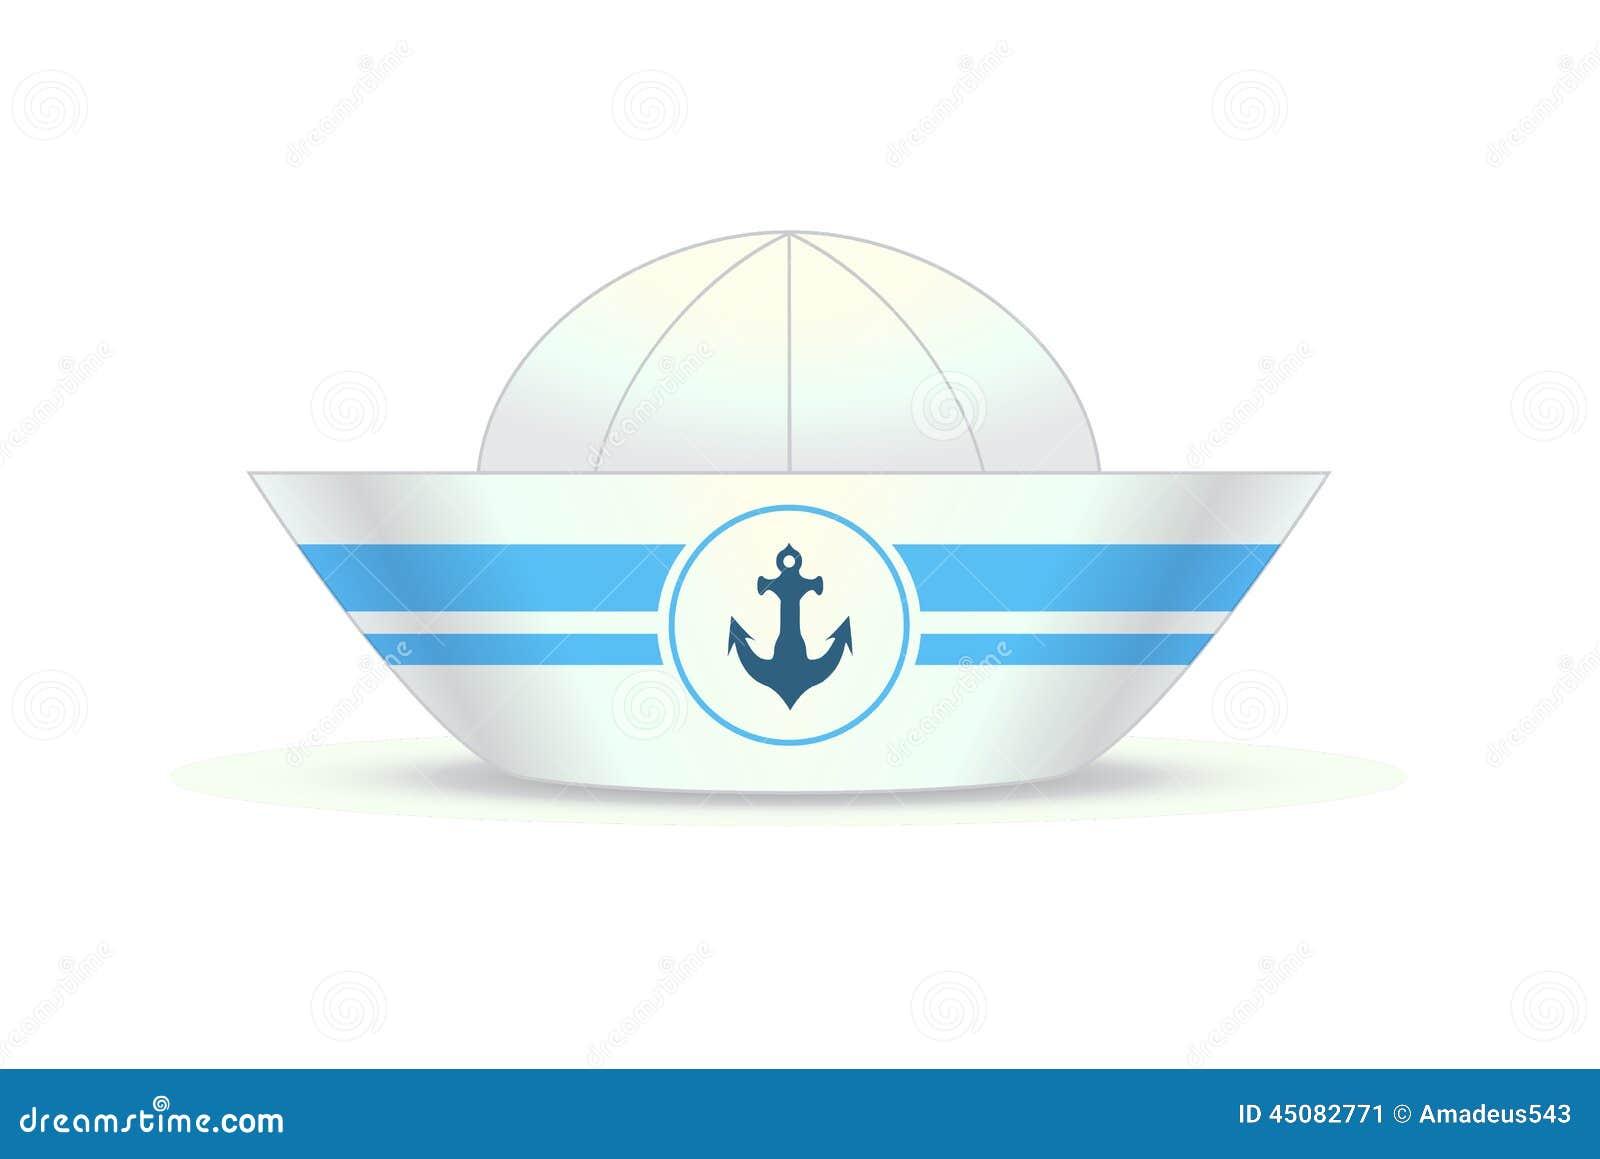 Navy Hat Clipart Sailor hat